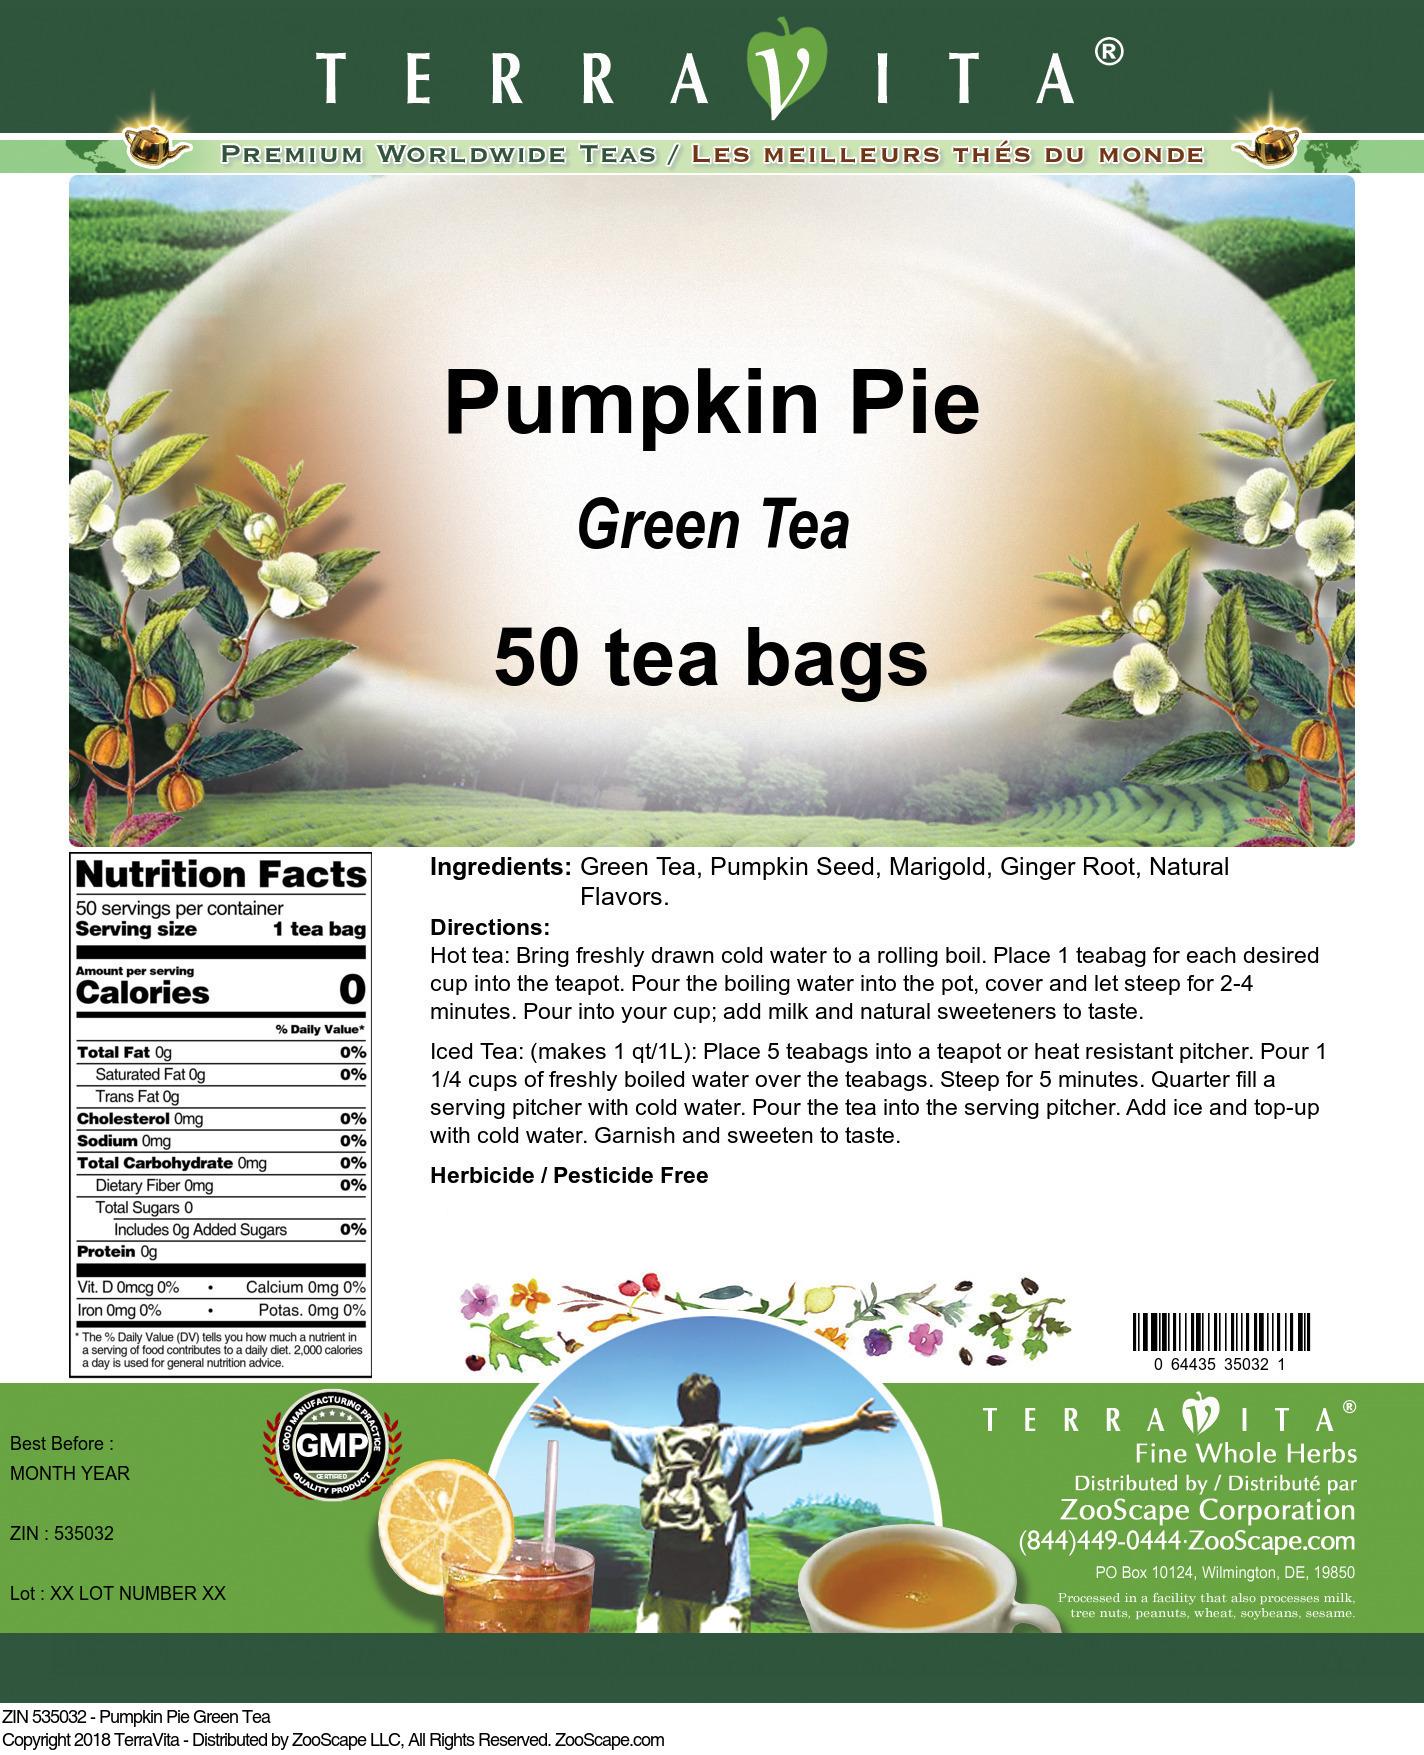 Pumpkin Pie Green Tea